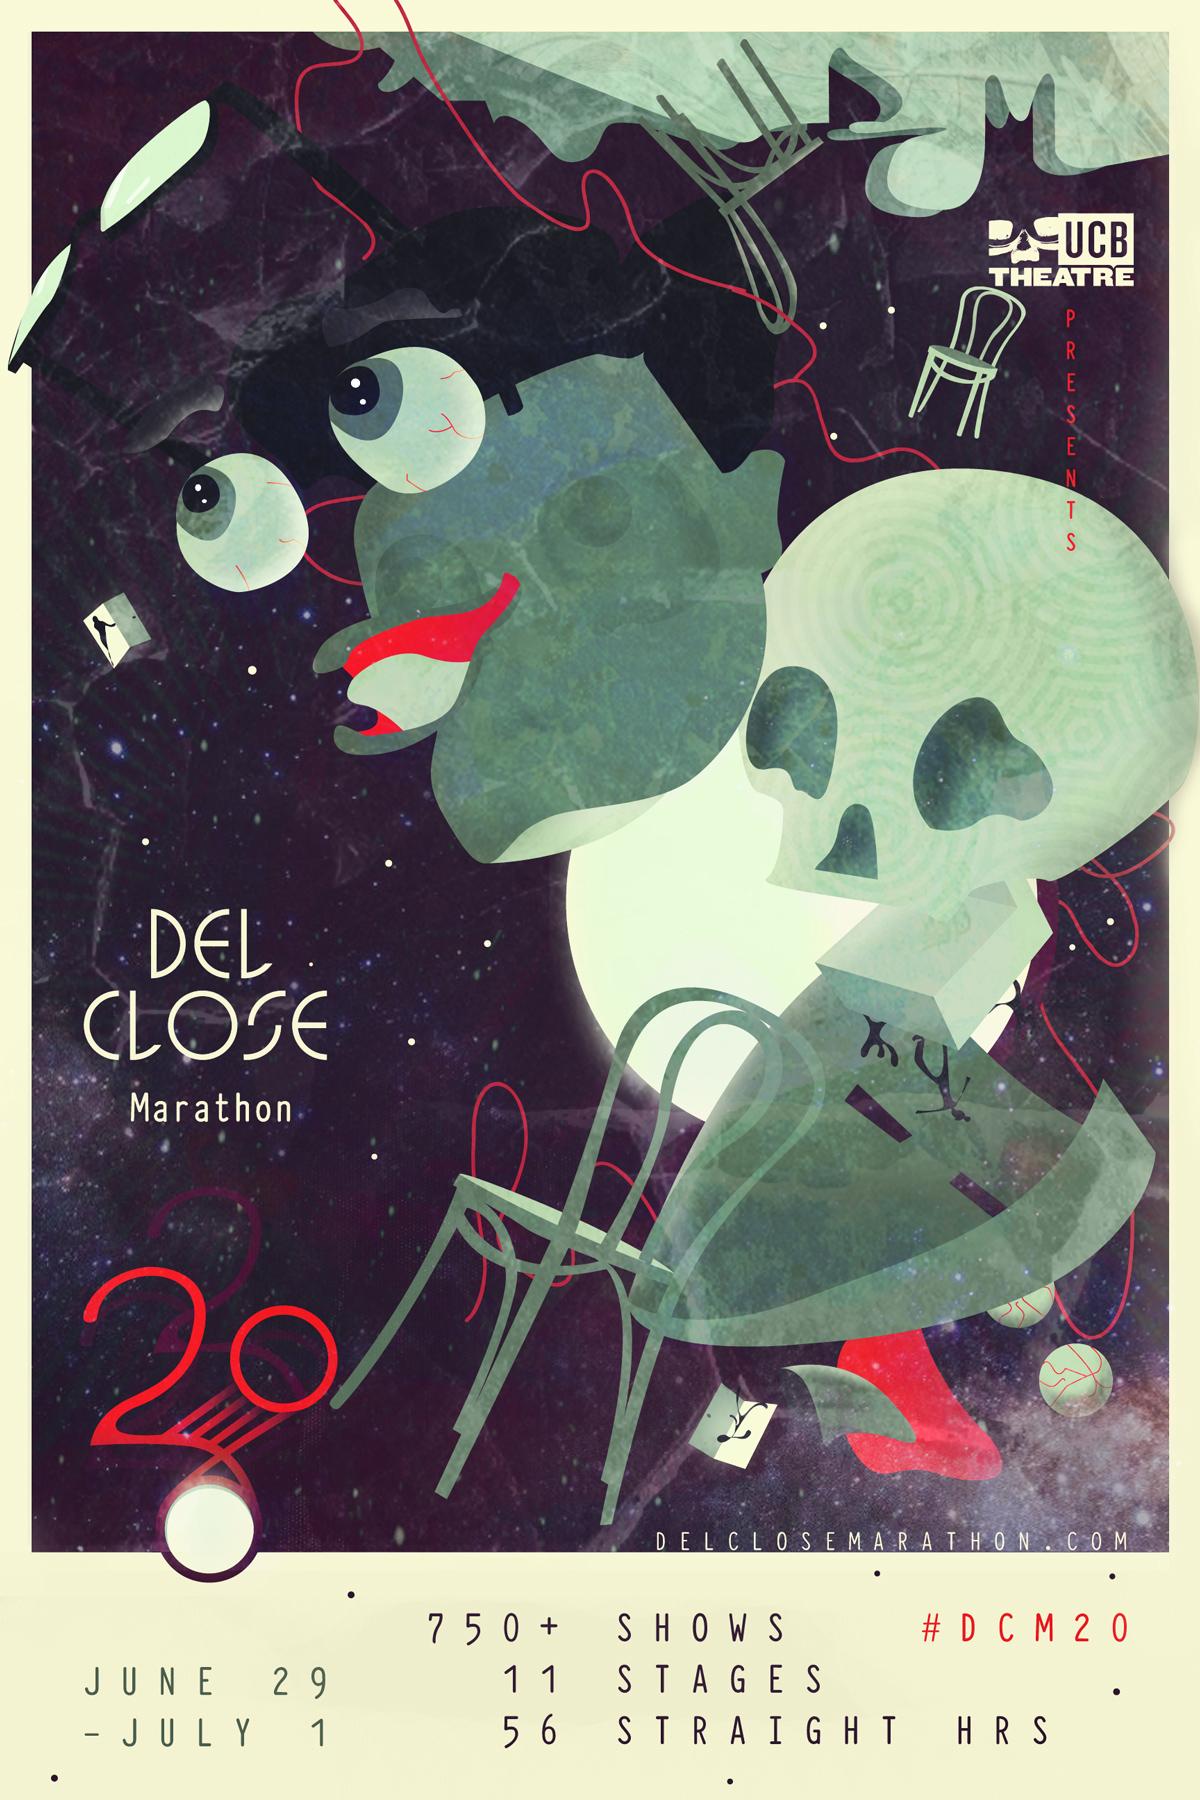 DCM20_Poster_For_Web.jpg